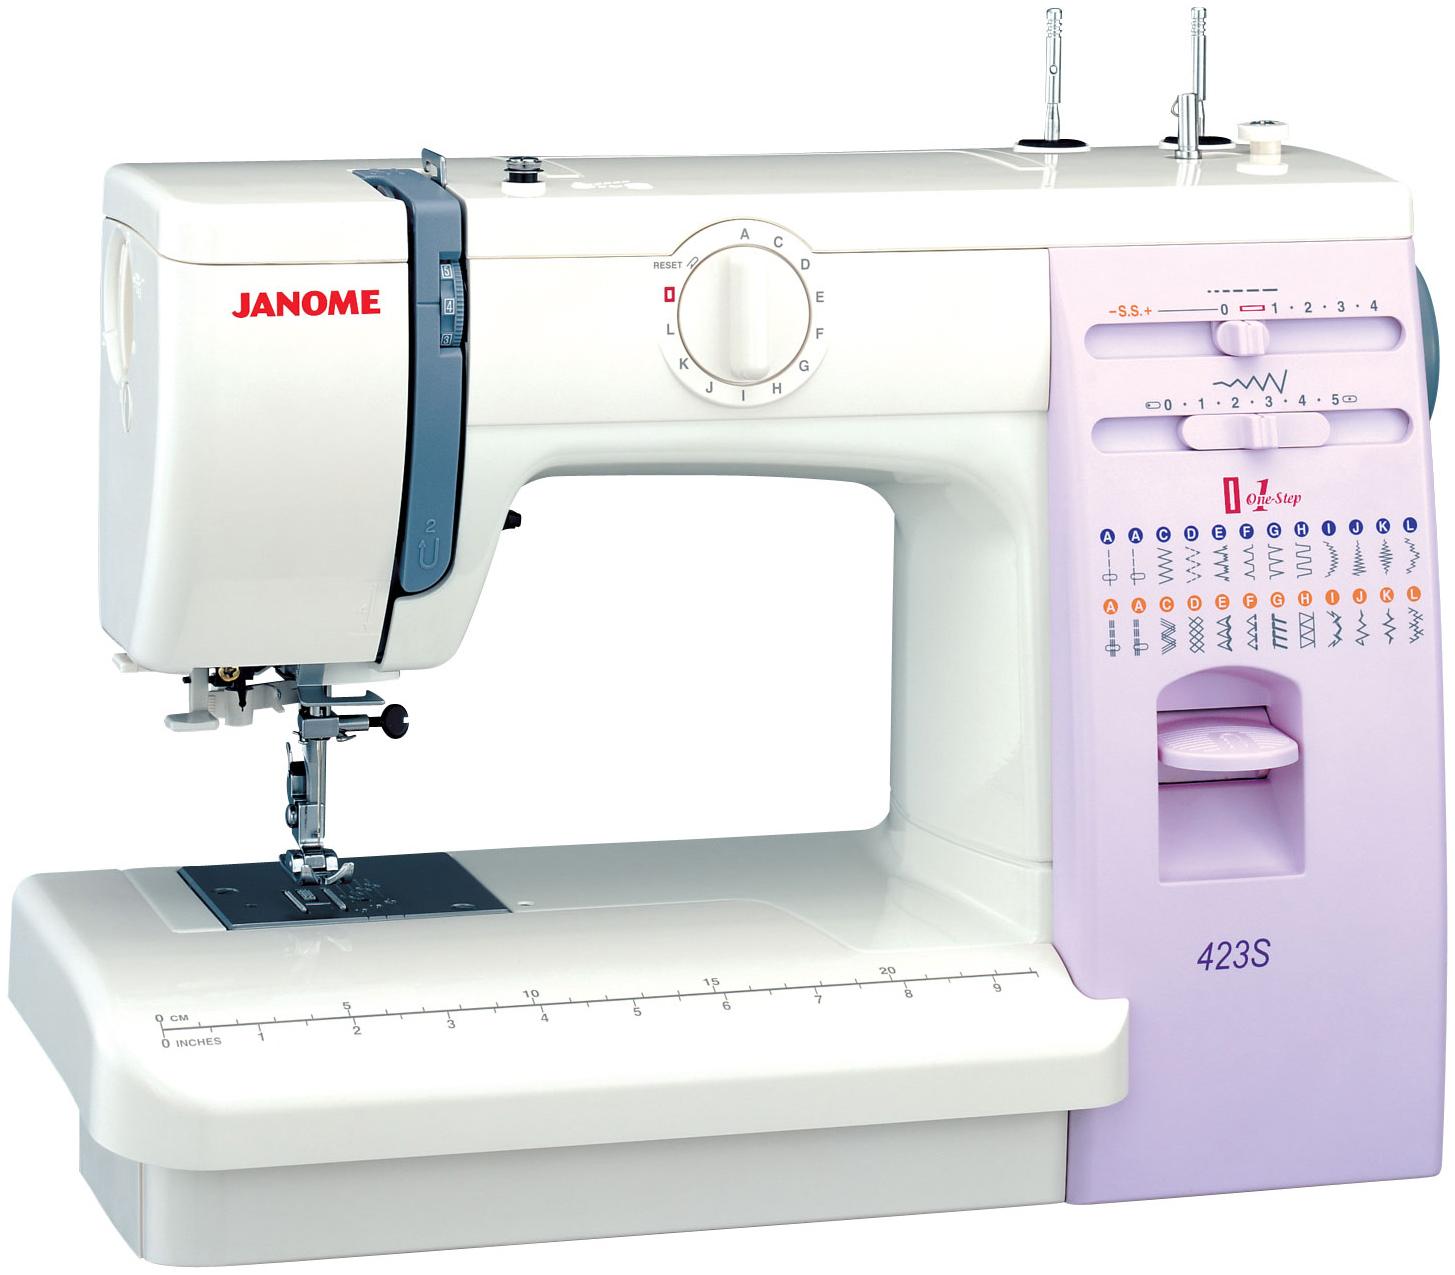 картинки швейных машин так самый большой